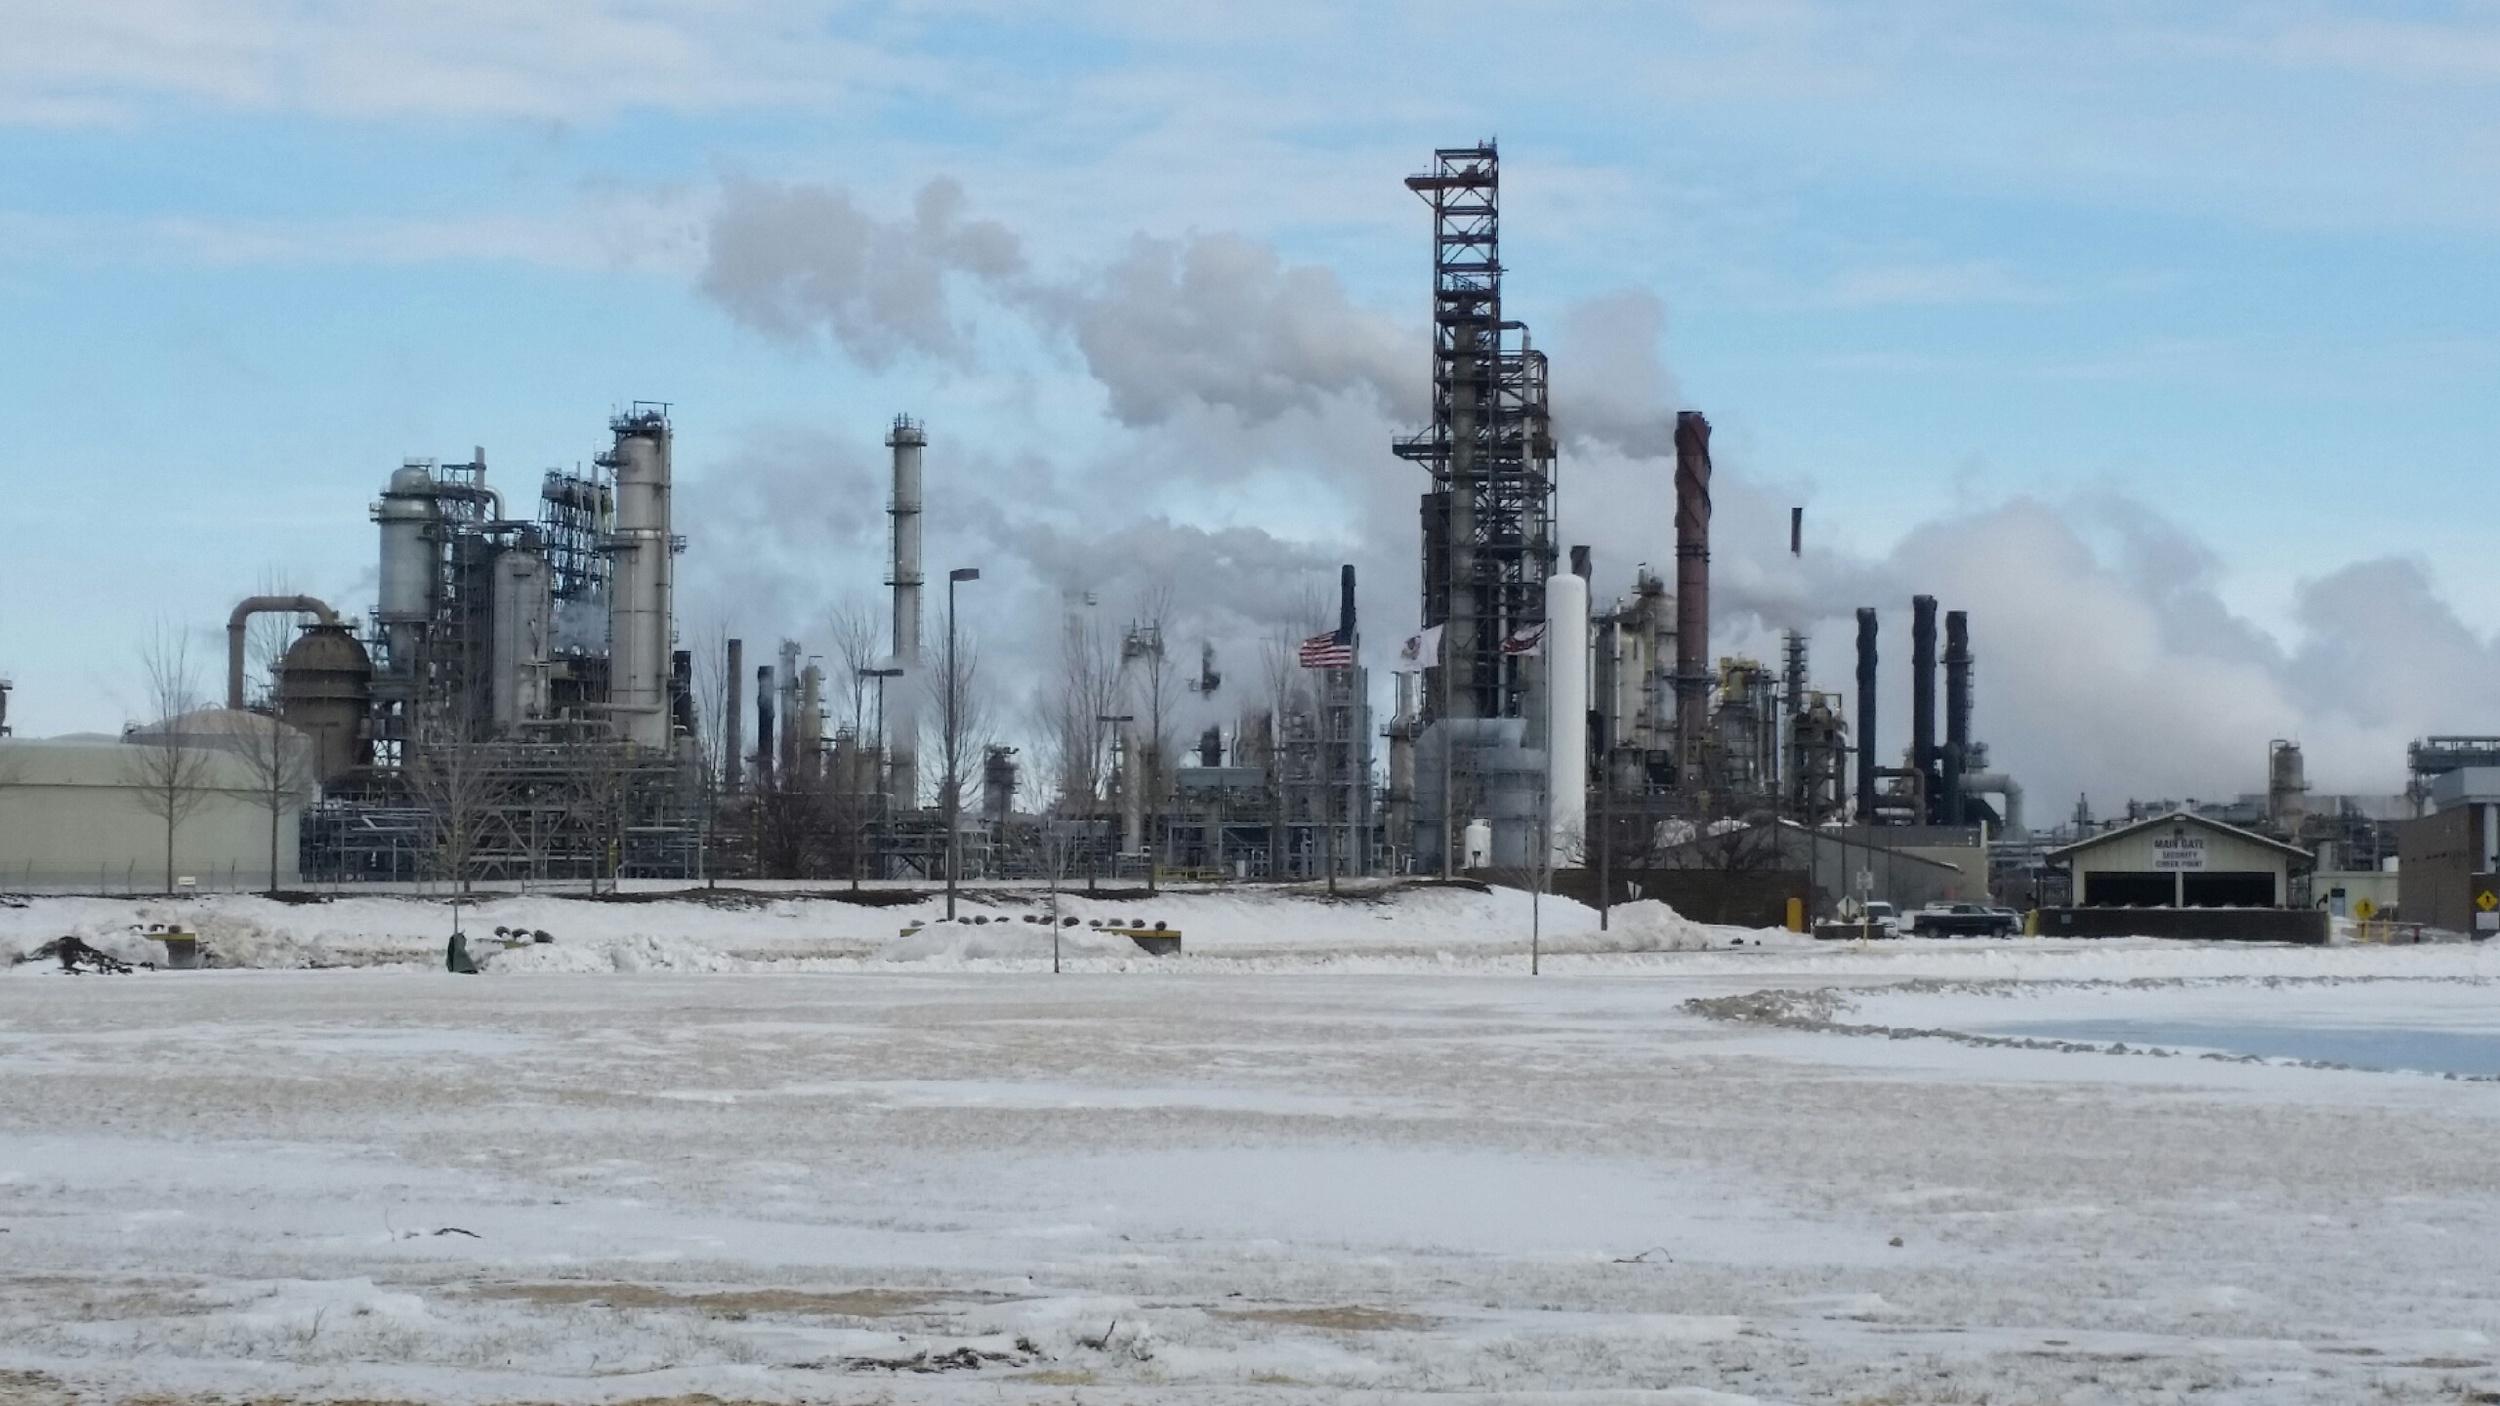 Exxon/Mobil Refinery - Channahon, IL